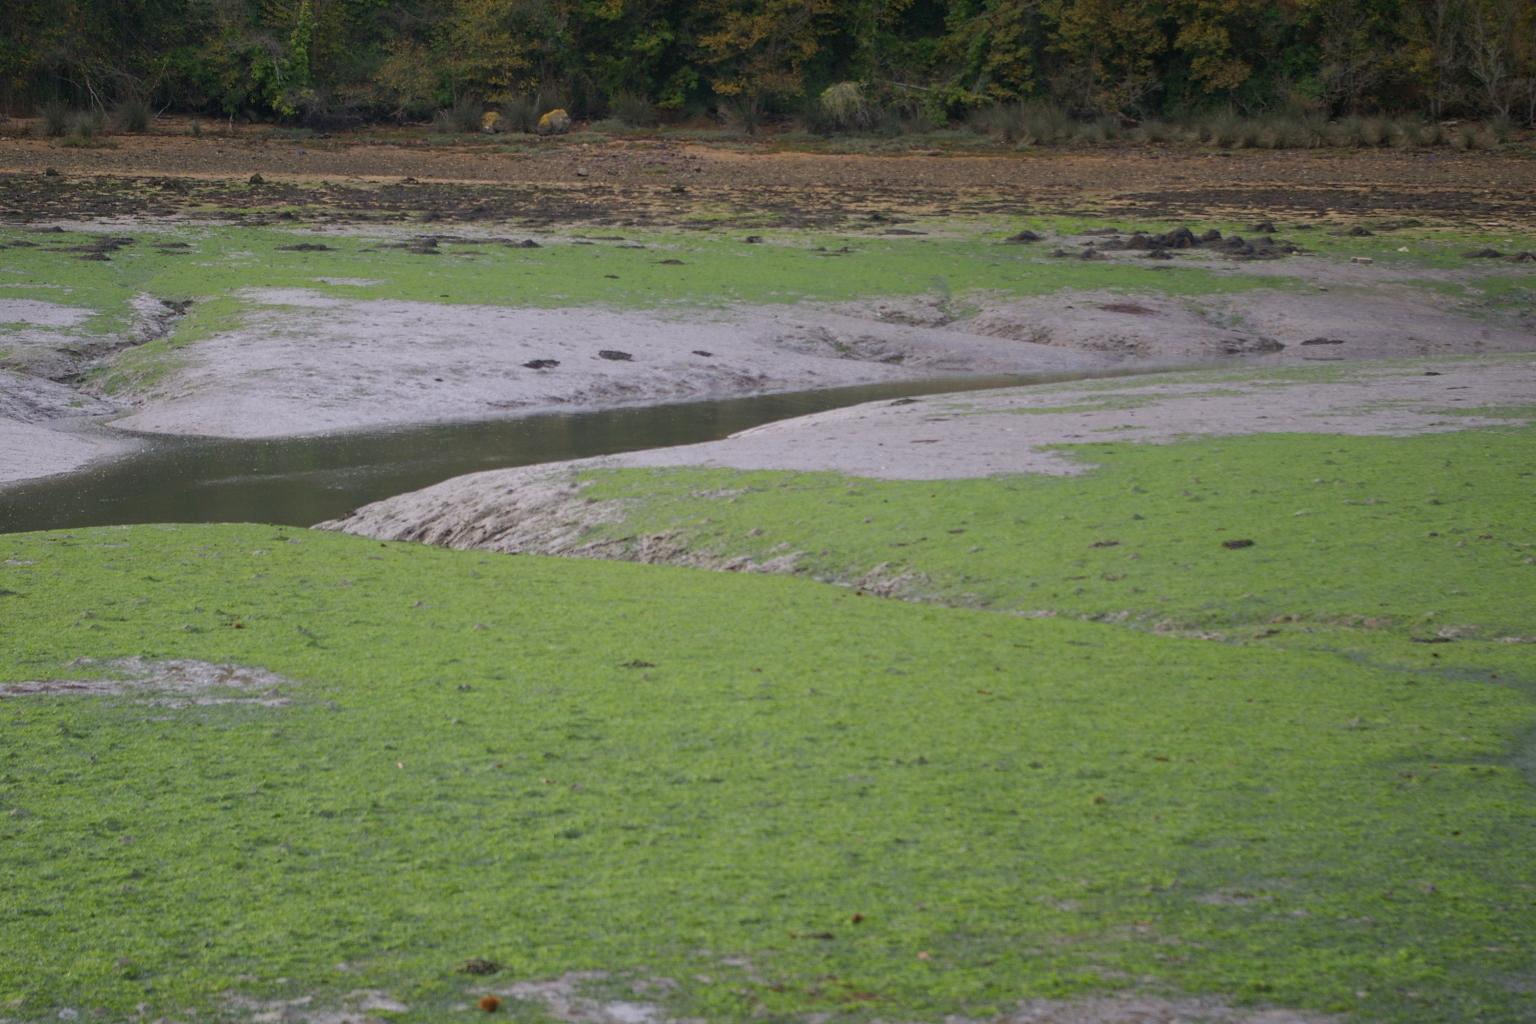 Prendre en compte les marées vertes sur vasières [14/12/16]